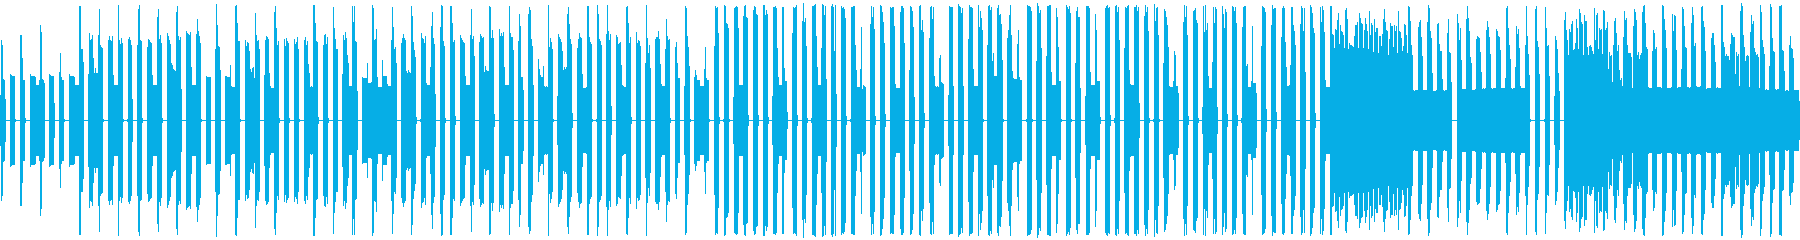 のんびりほのぼのチップチューンサウンドの再生済みの波形